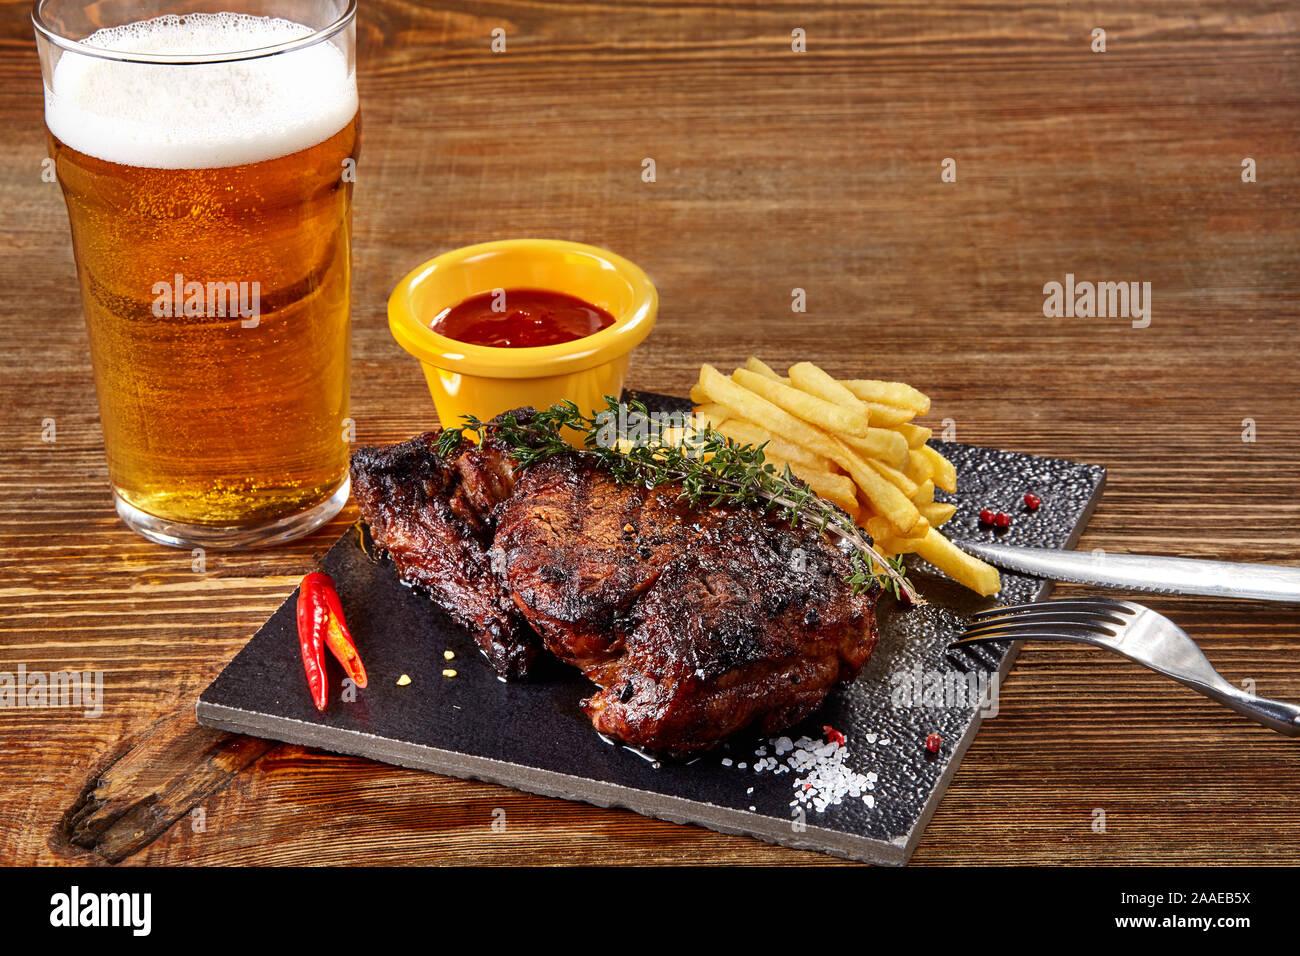 Vaso de cerveza con filete gourmet y patatas fritas en el fondo de madera. Foto de stock